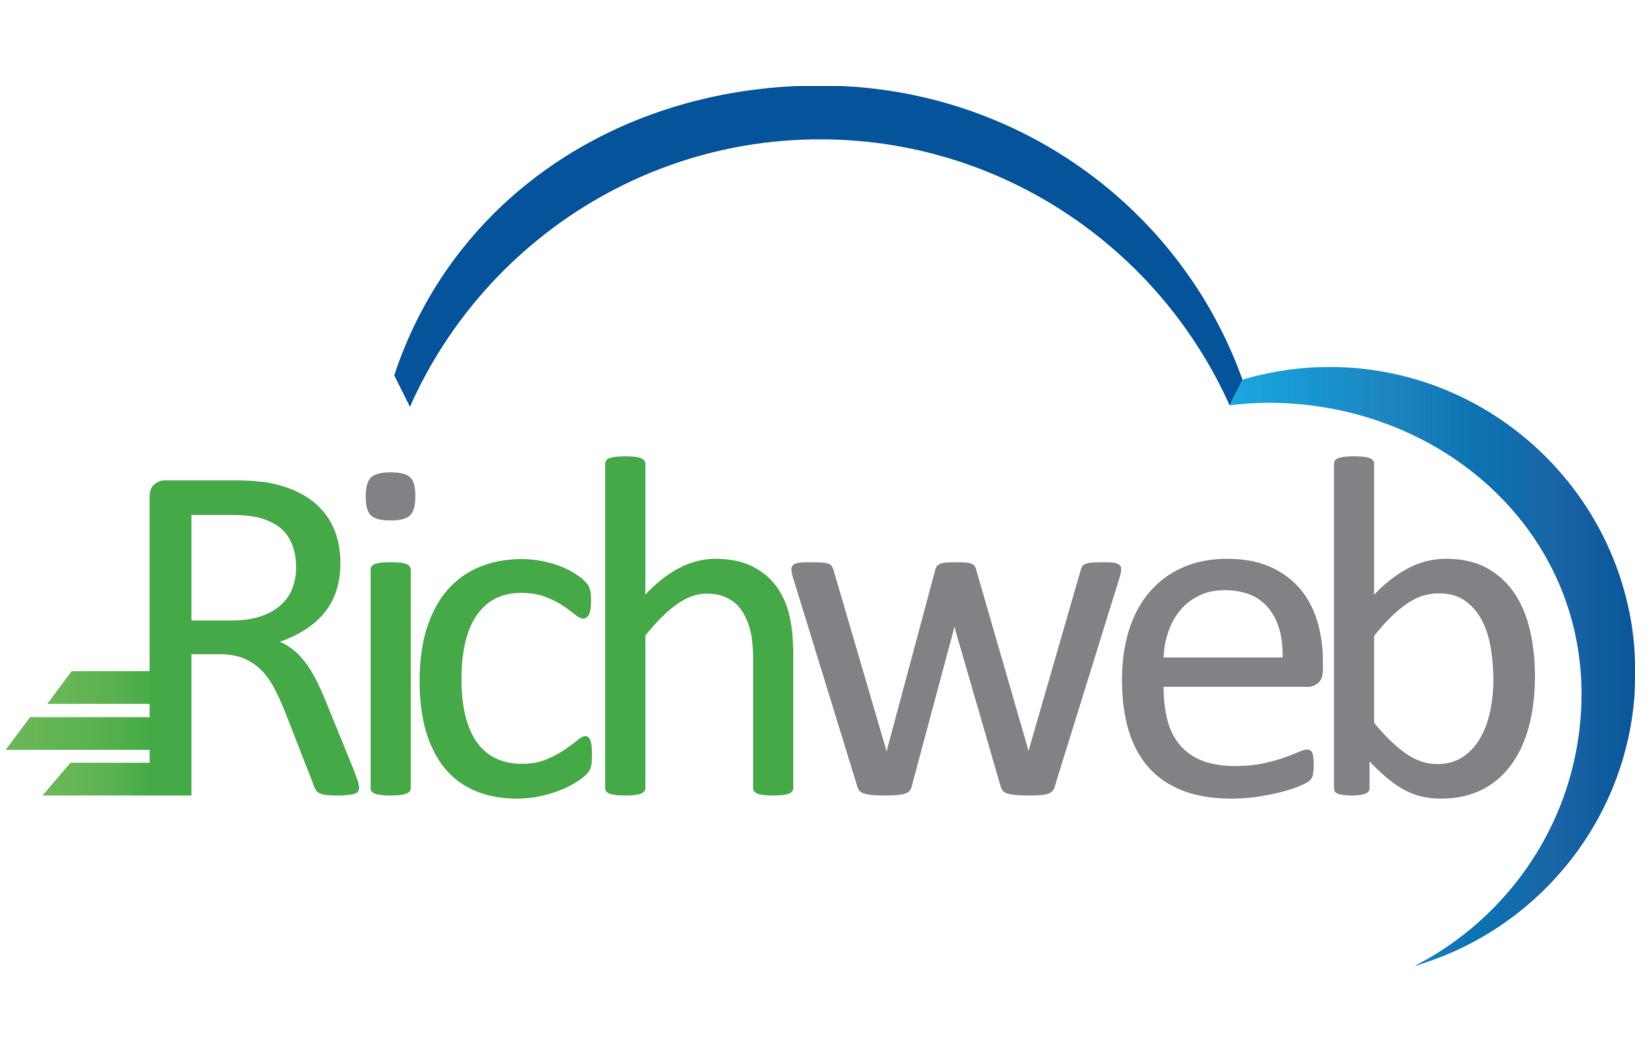 richweb_cloud_logo_horiz.jpg